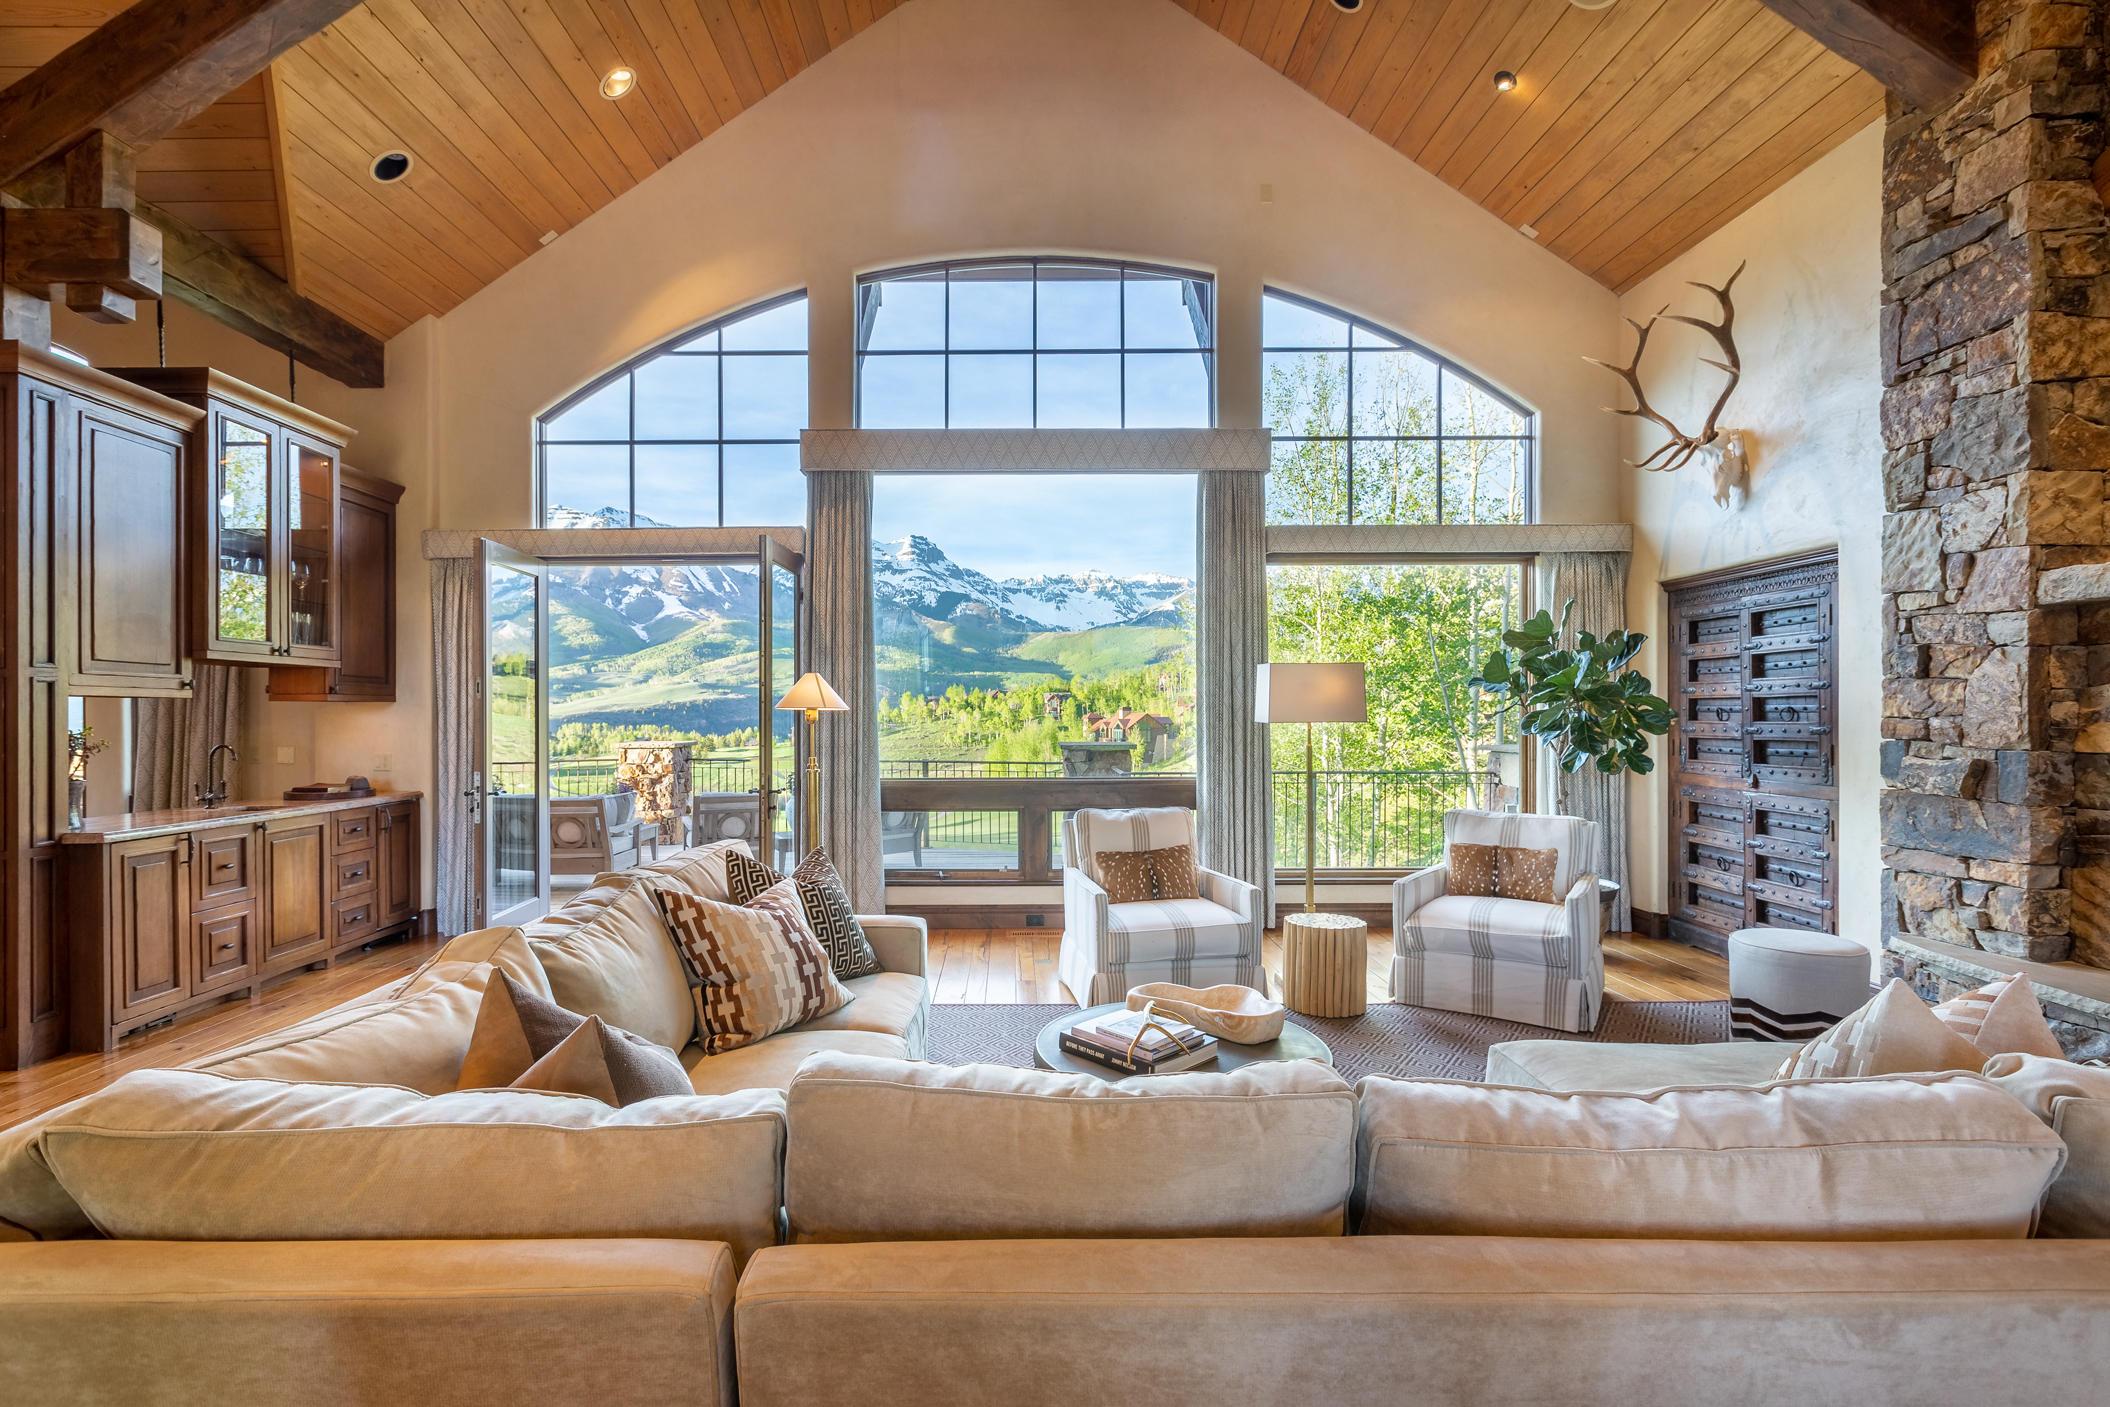 Adams Ranch Property for Sale in Telluride, Colorado